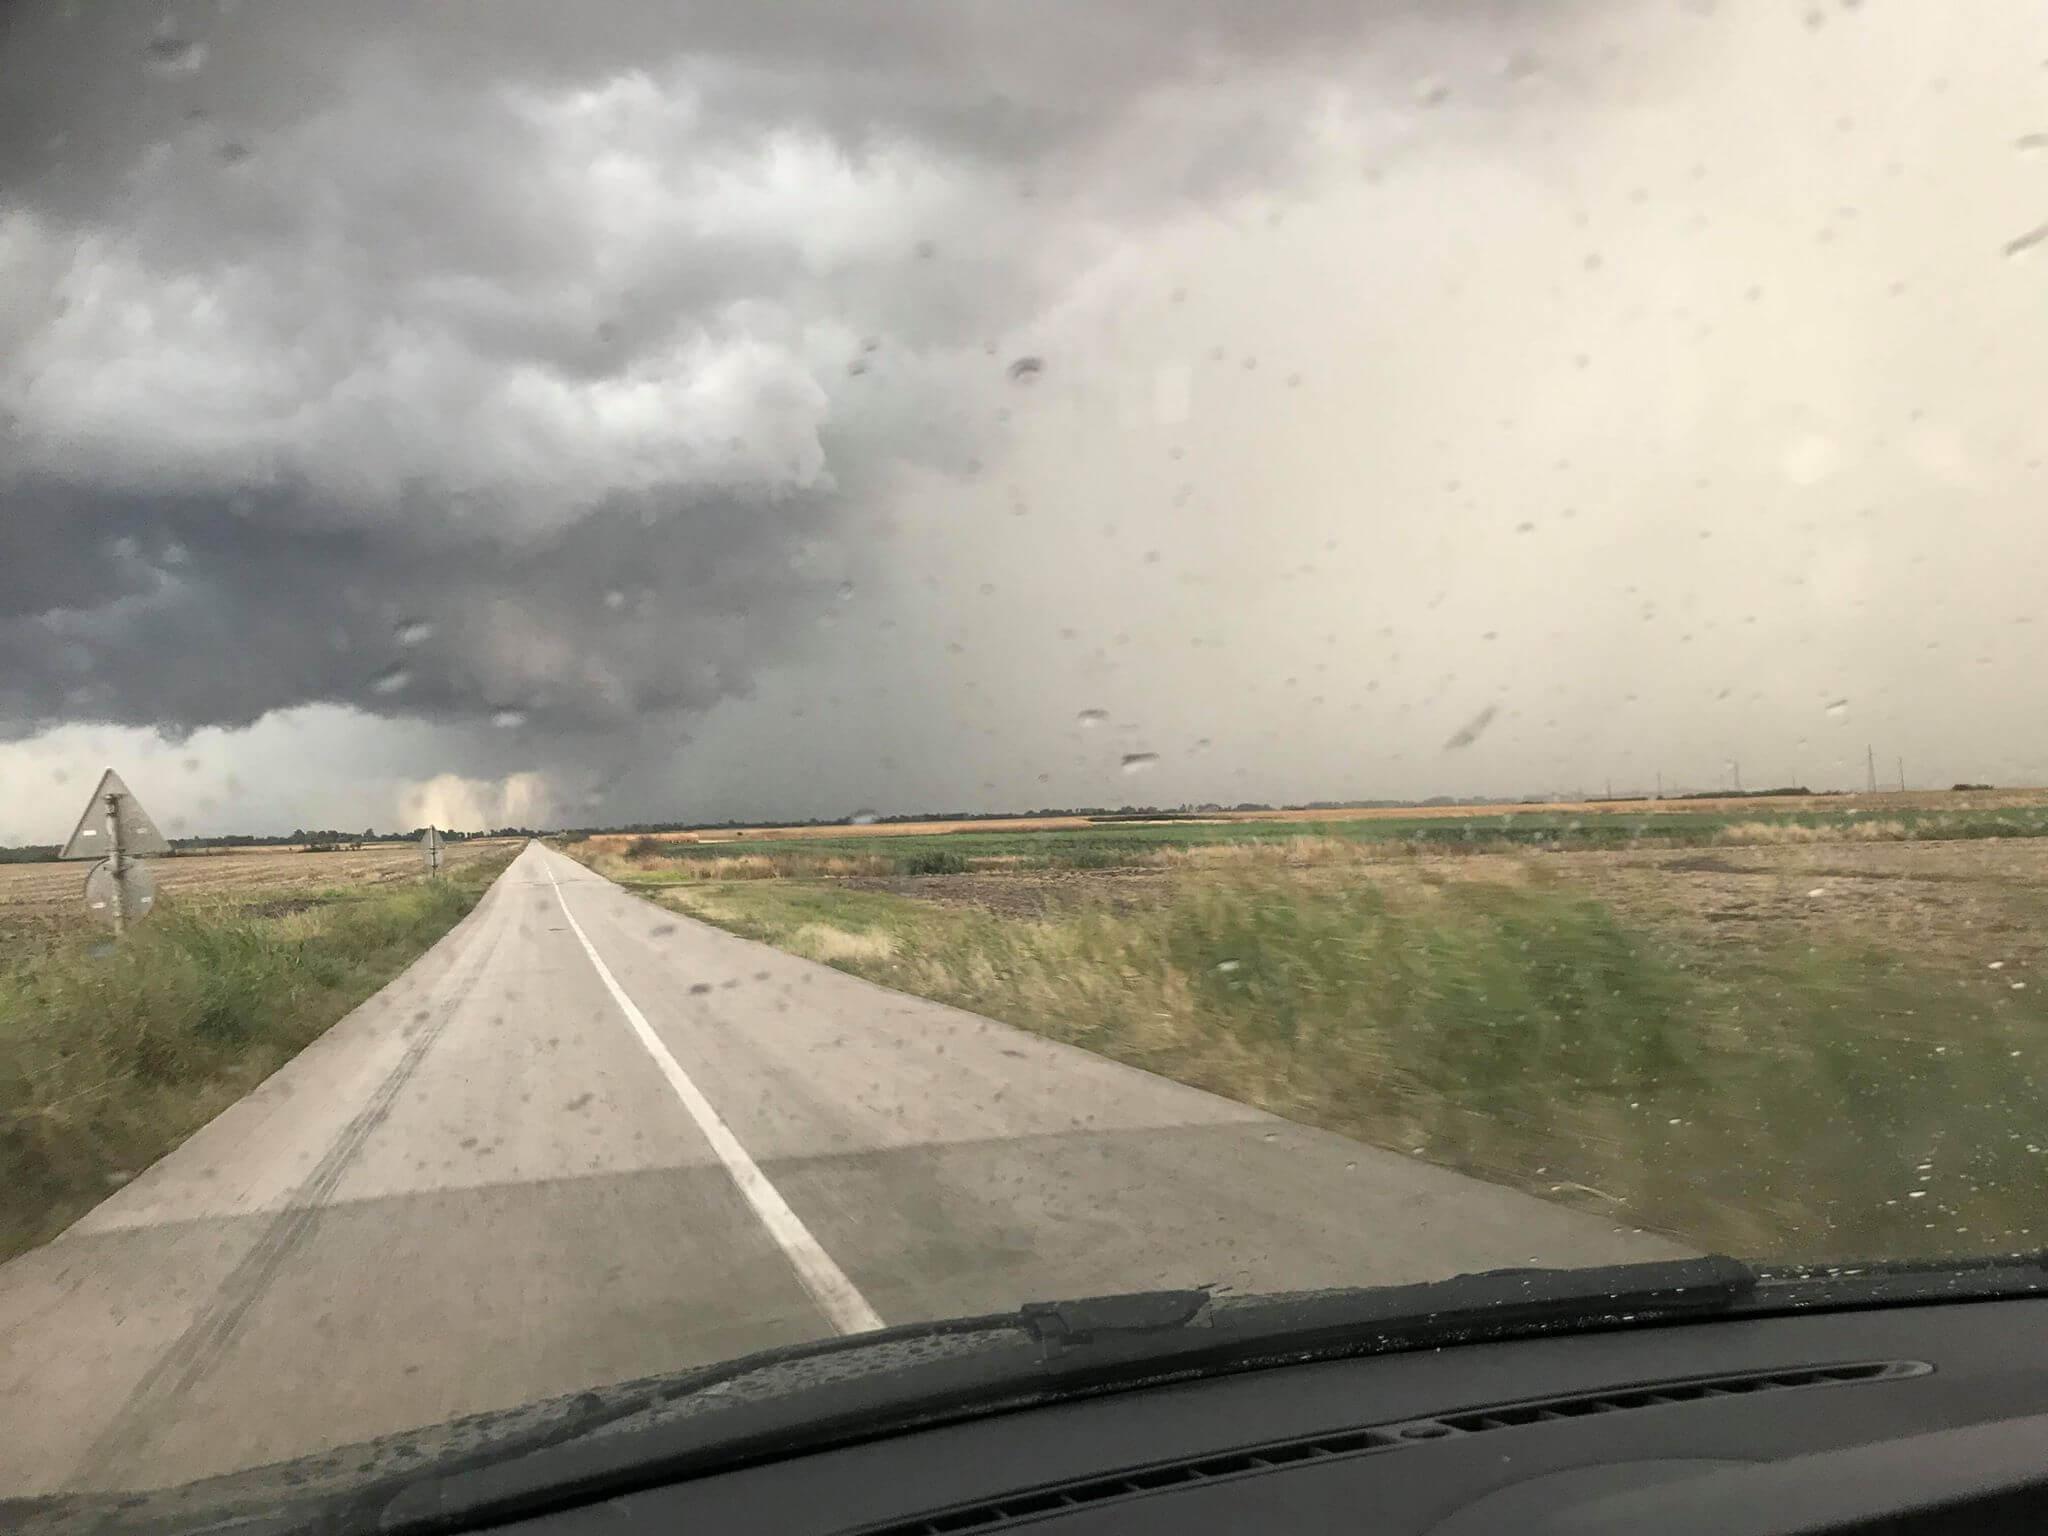 Nevreme u okolini Itebeja - 4. septembar